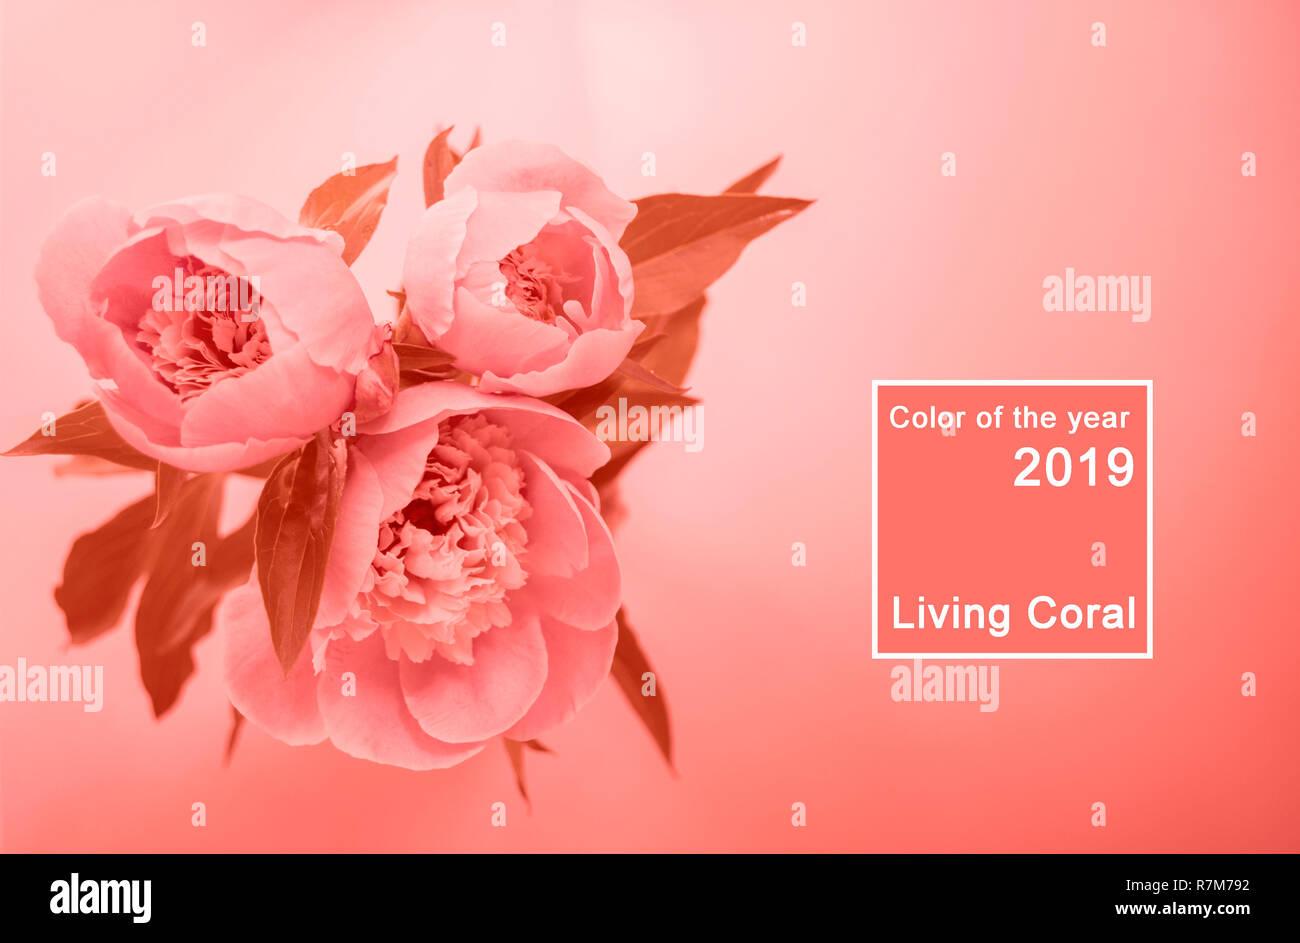 Vue de dessus de la vie couleur corail bouquet de pivoines. Couleur de l'année 2019 concept. Photo Stock